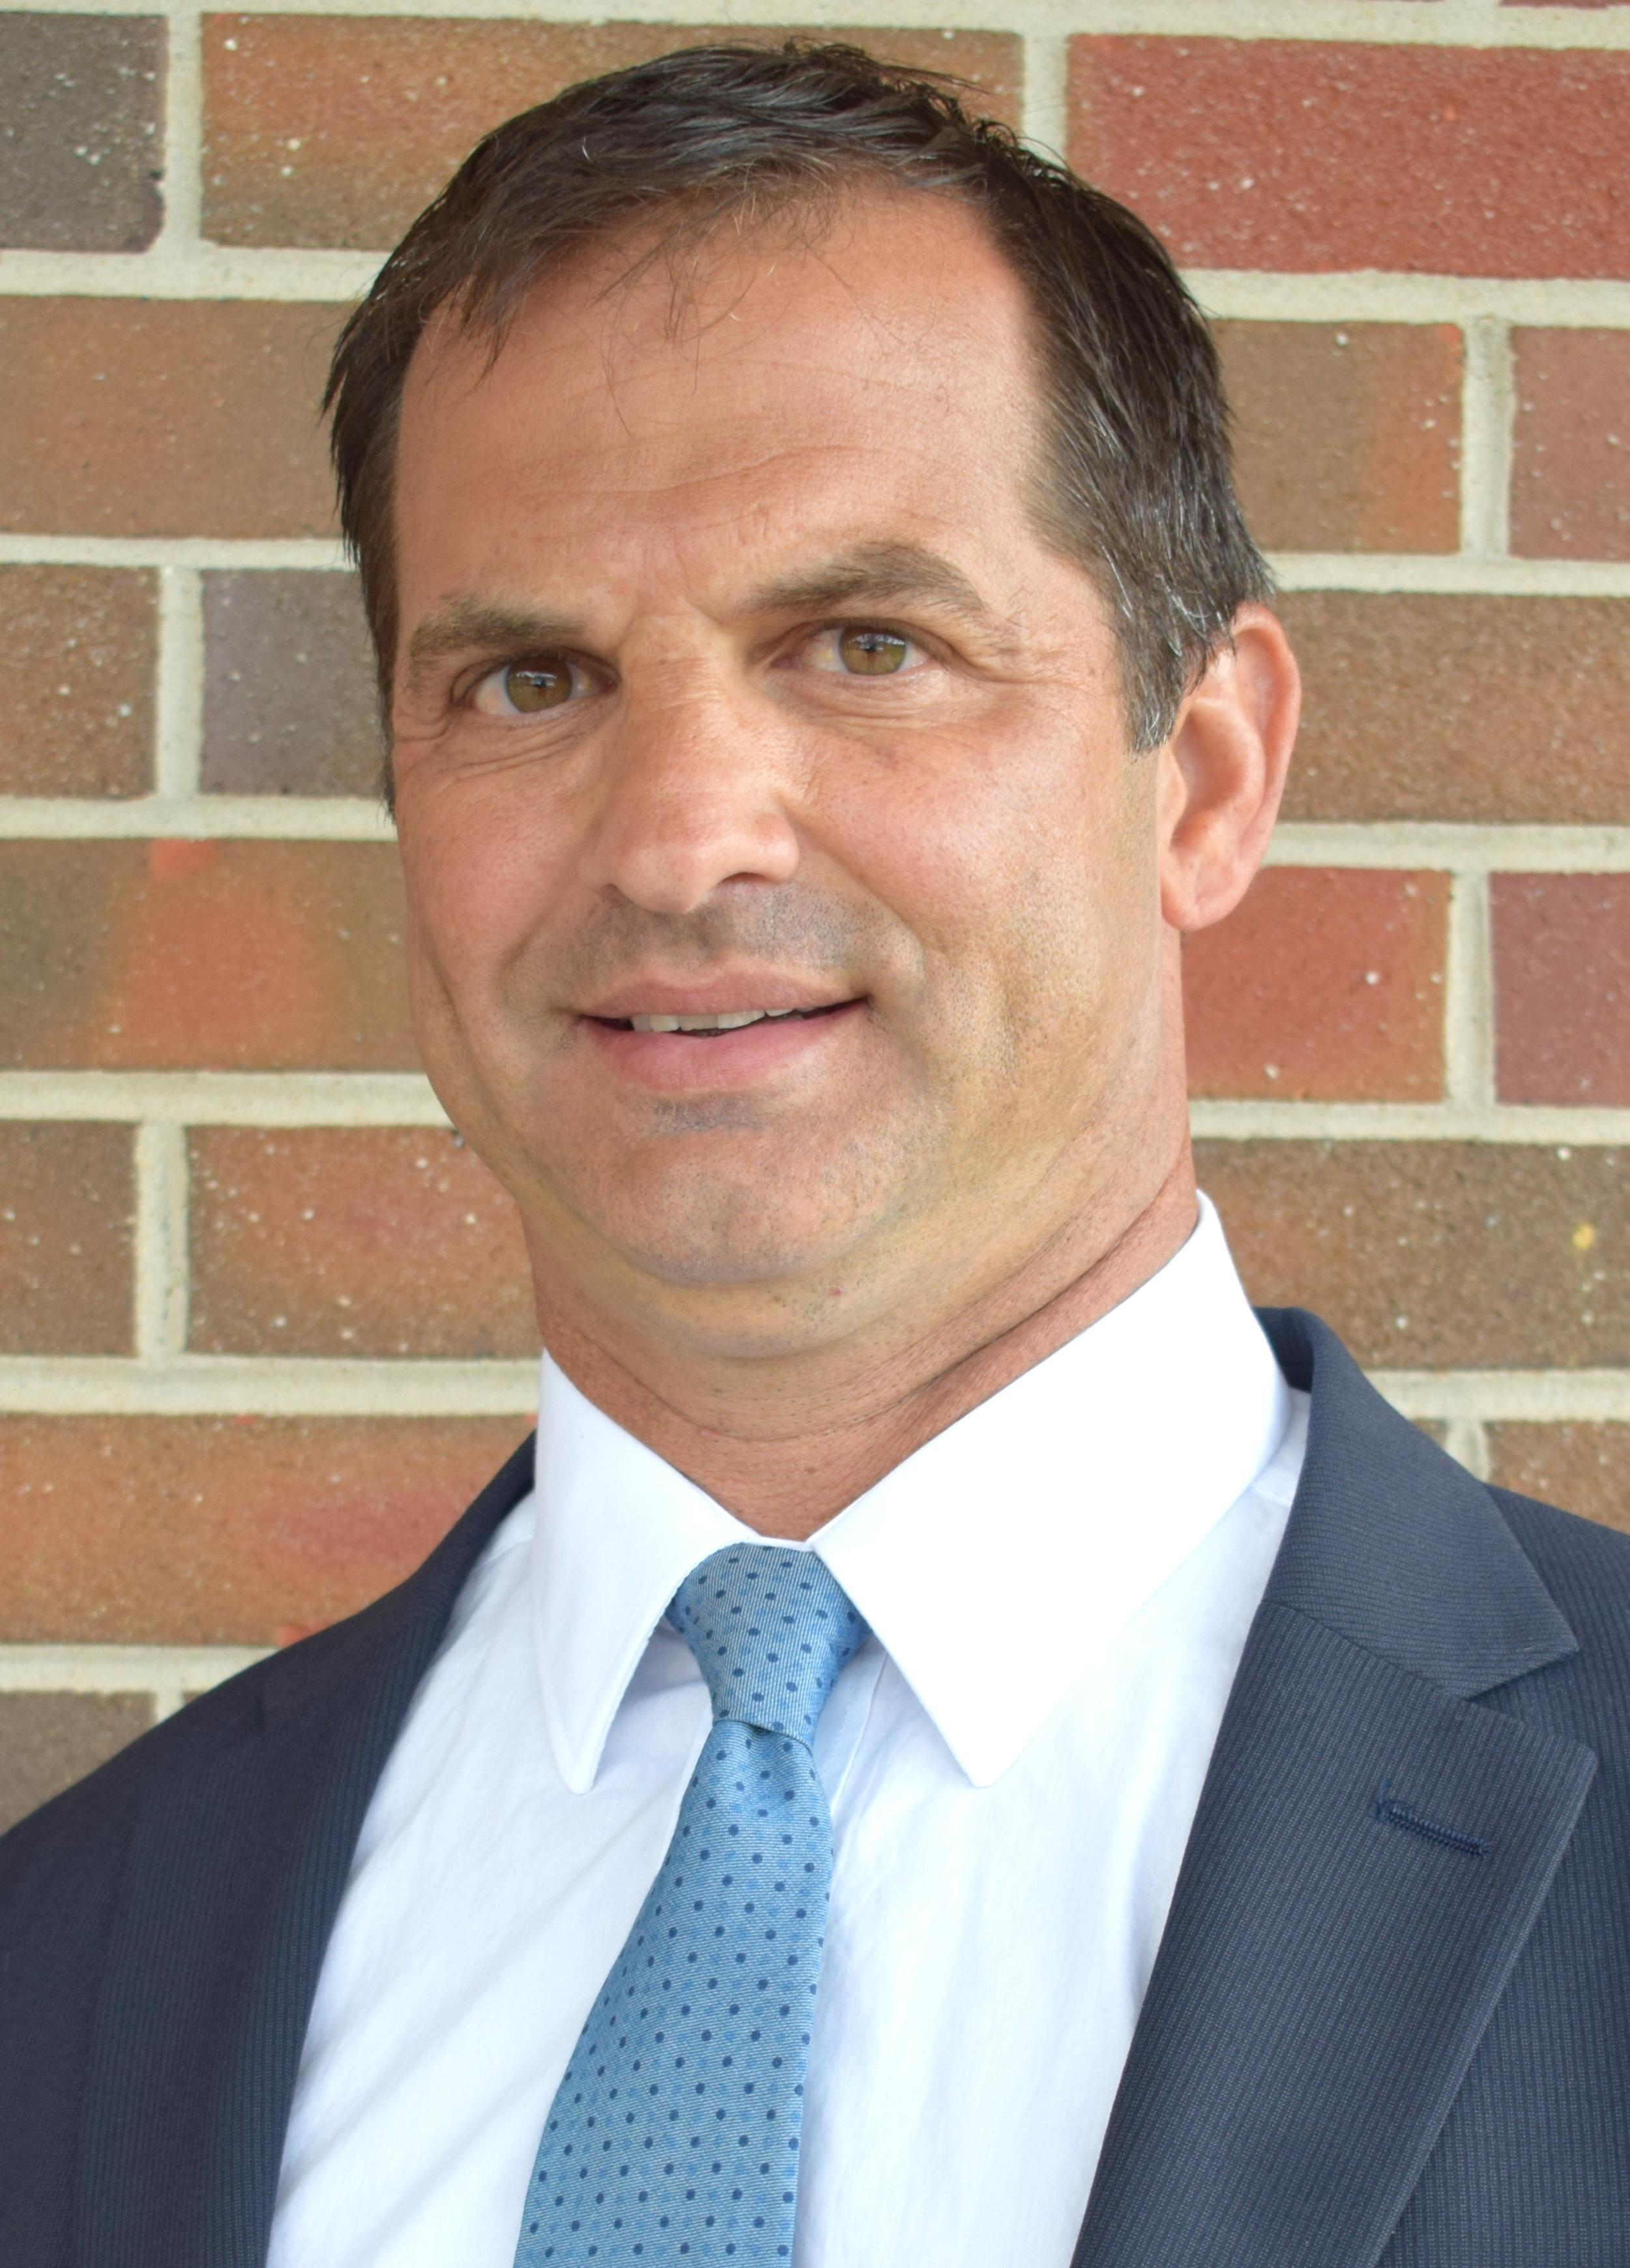 Joe Gatschet, Director of Transportation